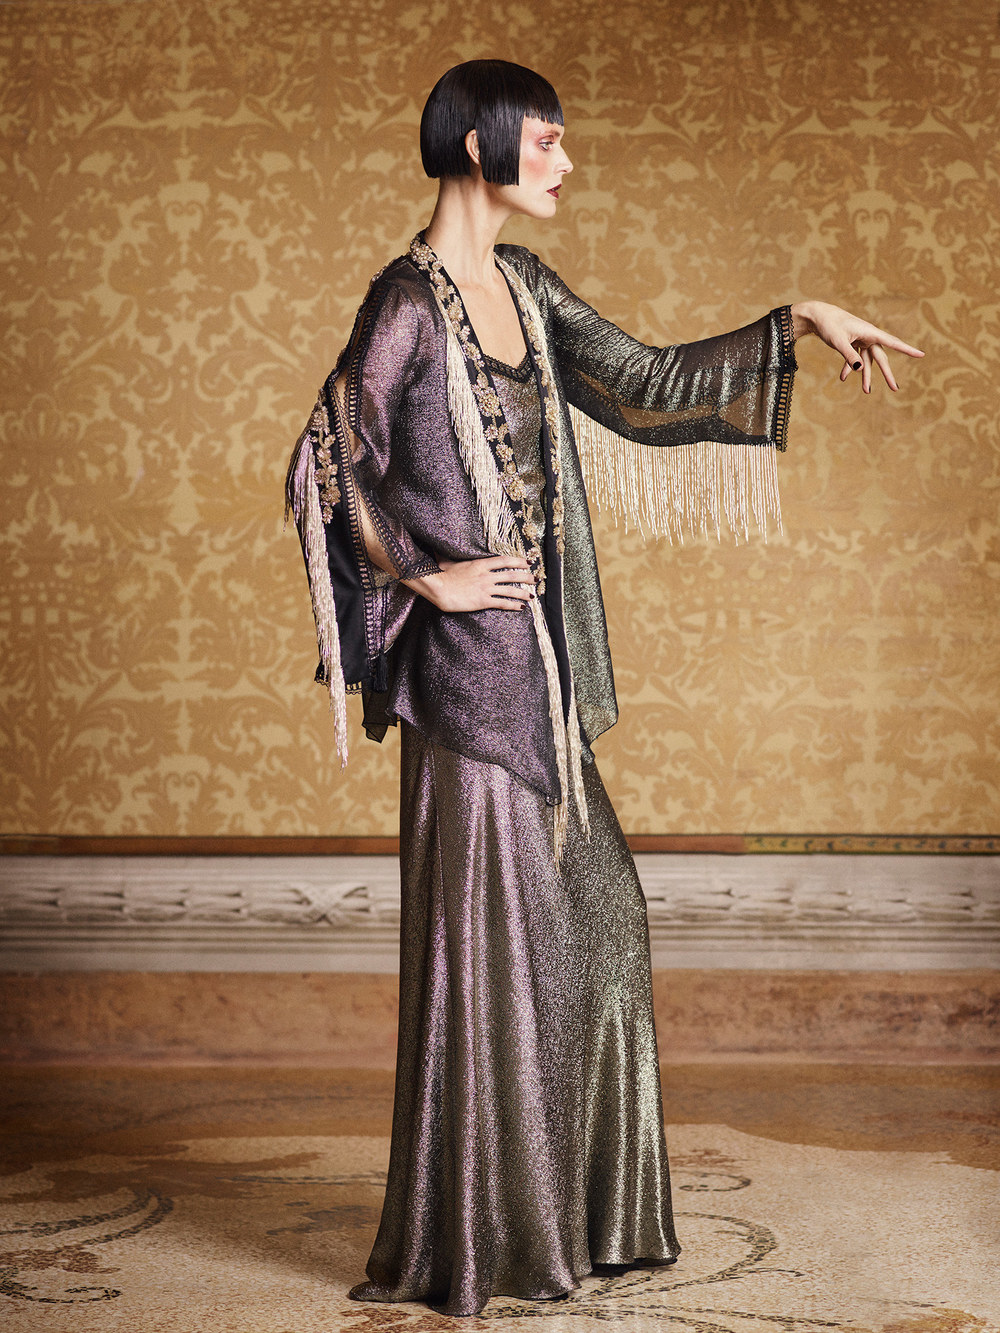 Alberta Ferretti Limited Edition Couture Spring 2016